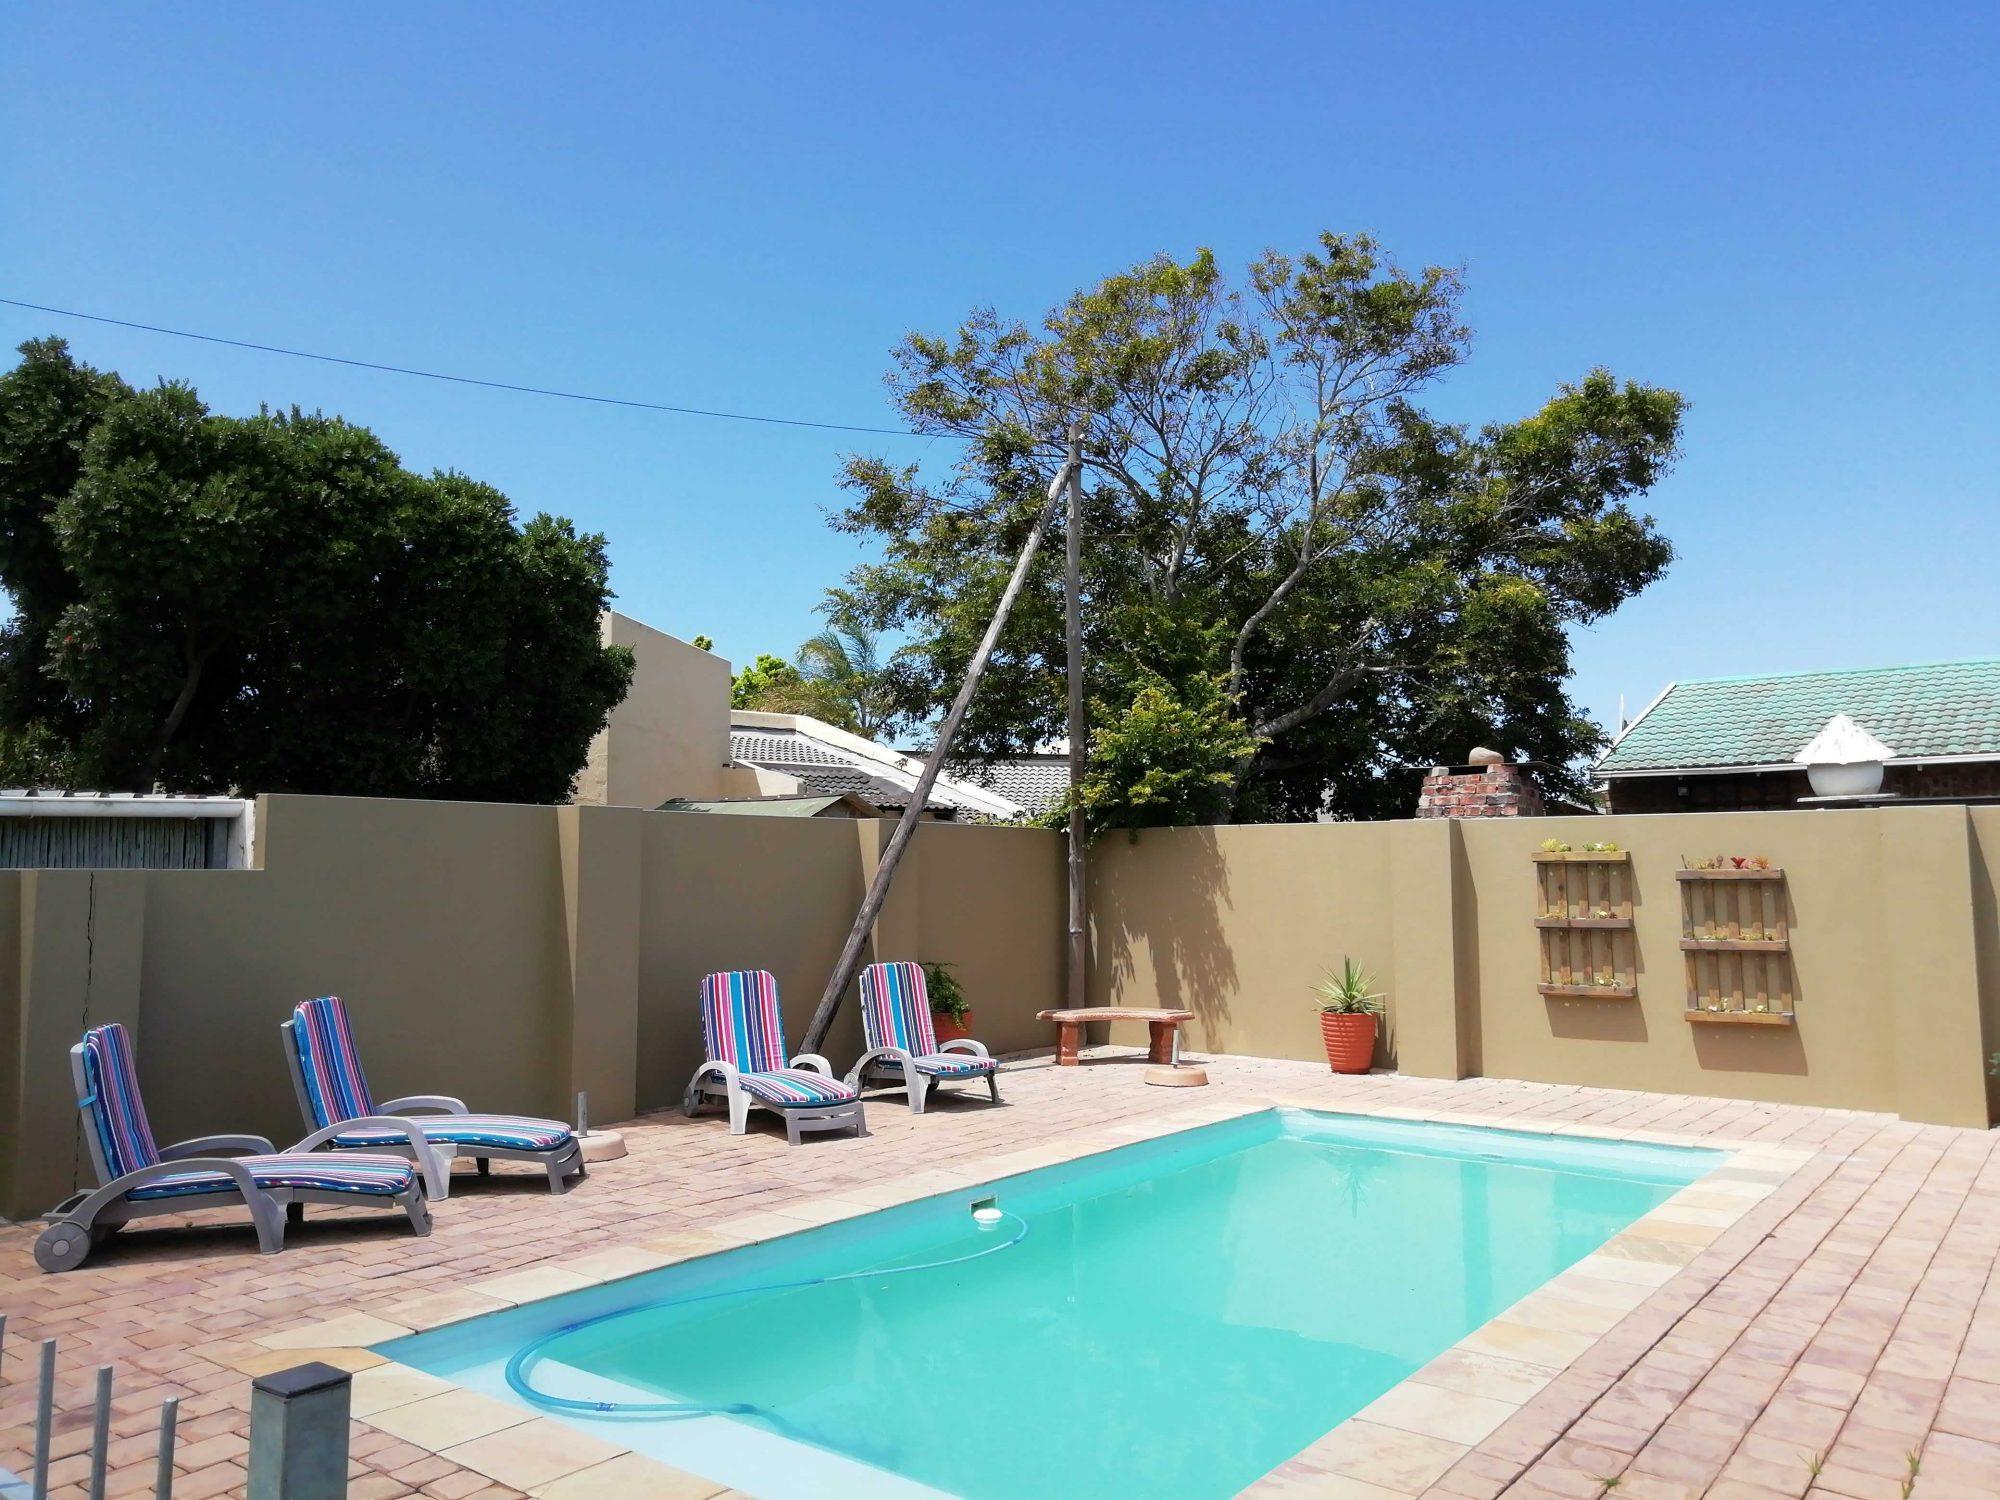 Apple @ J-Bay - Jeffrey's Bay - Eastern Cape